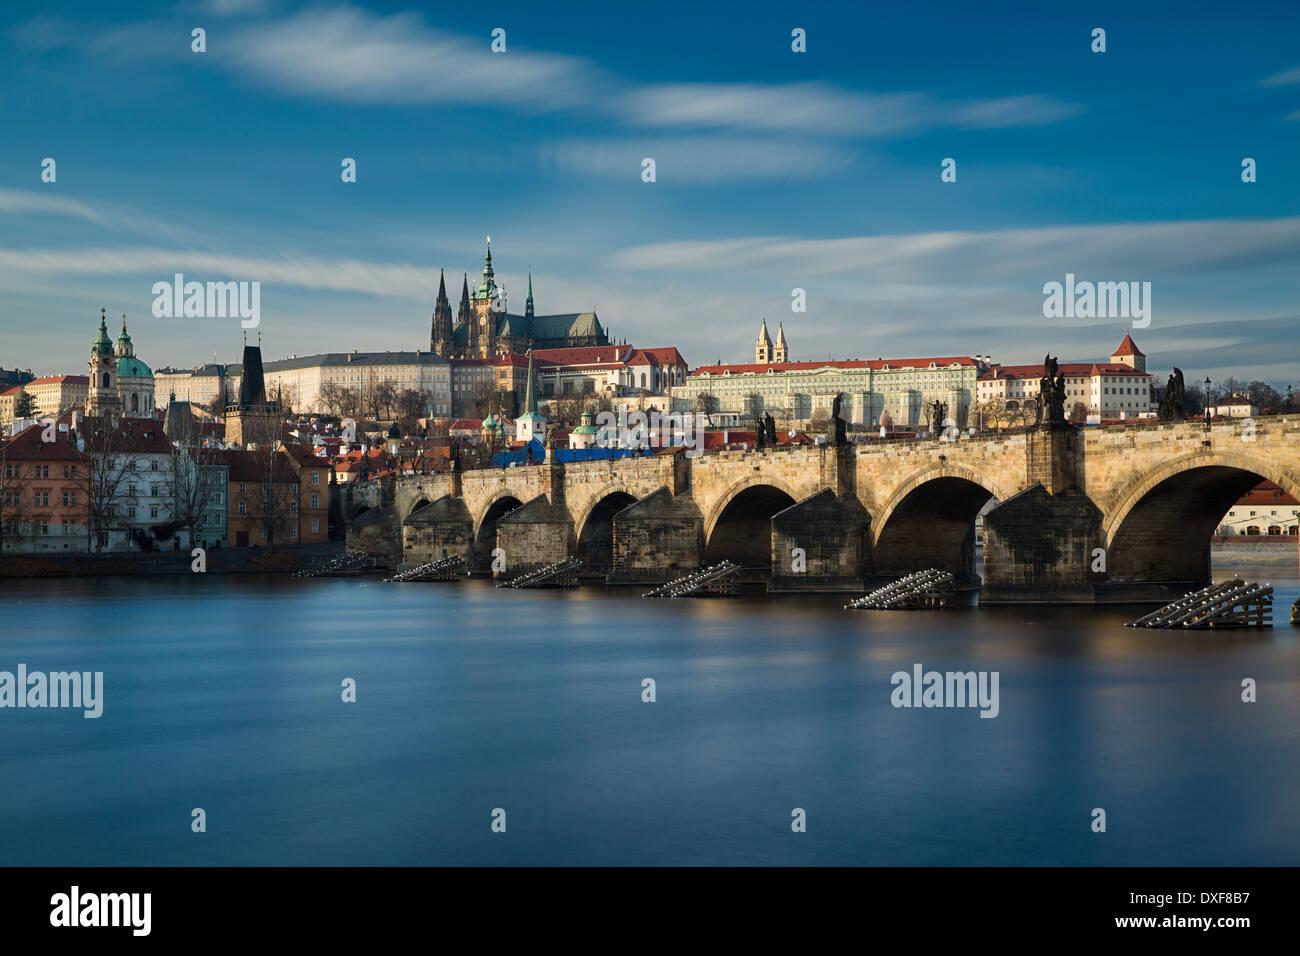 Le quartier du château, Habour et le Pont Charles sur la Vltava, Prague, République Tchèque Photo Stock